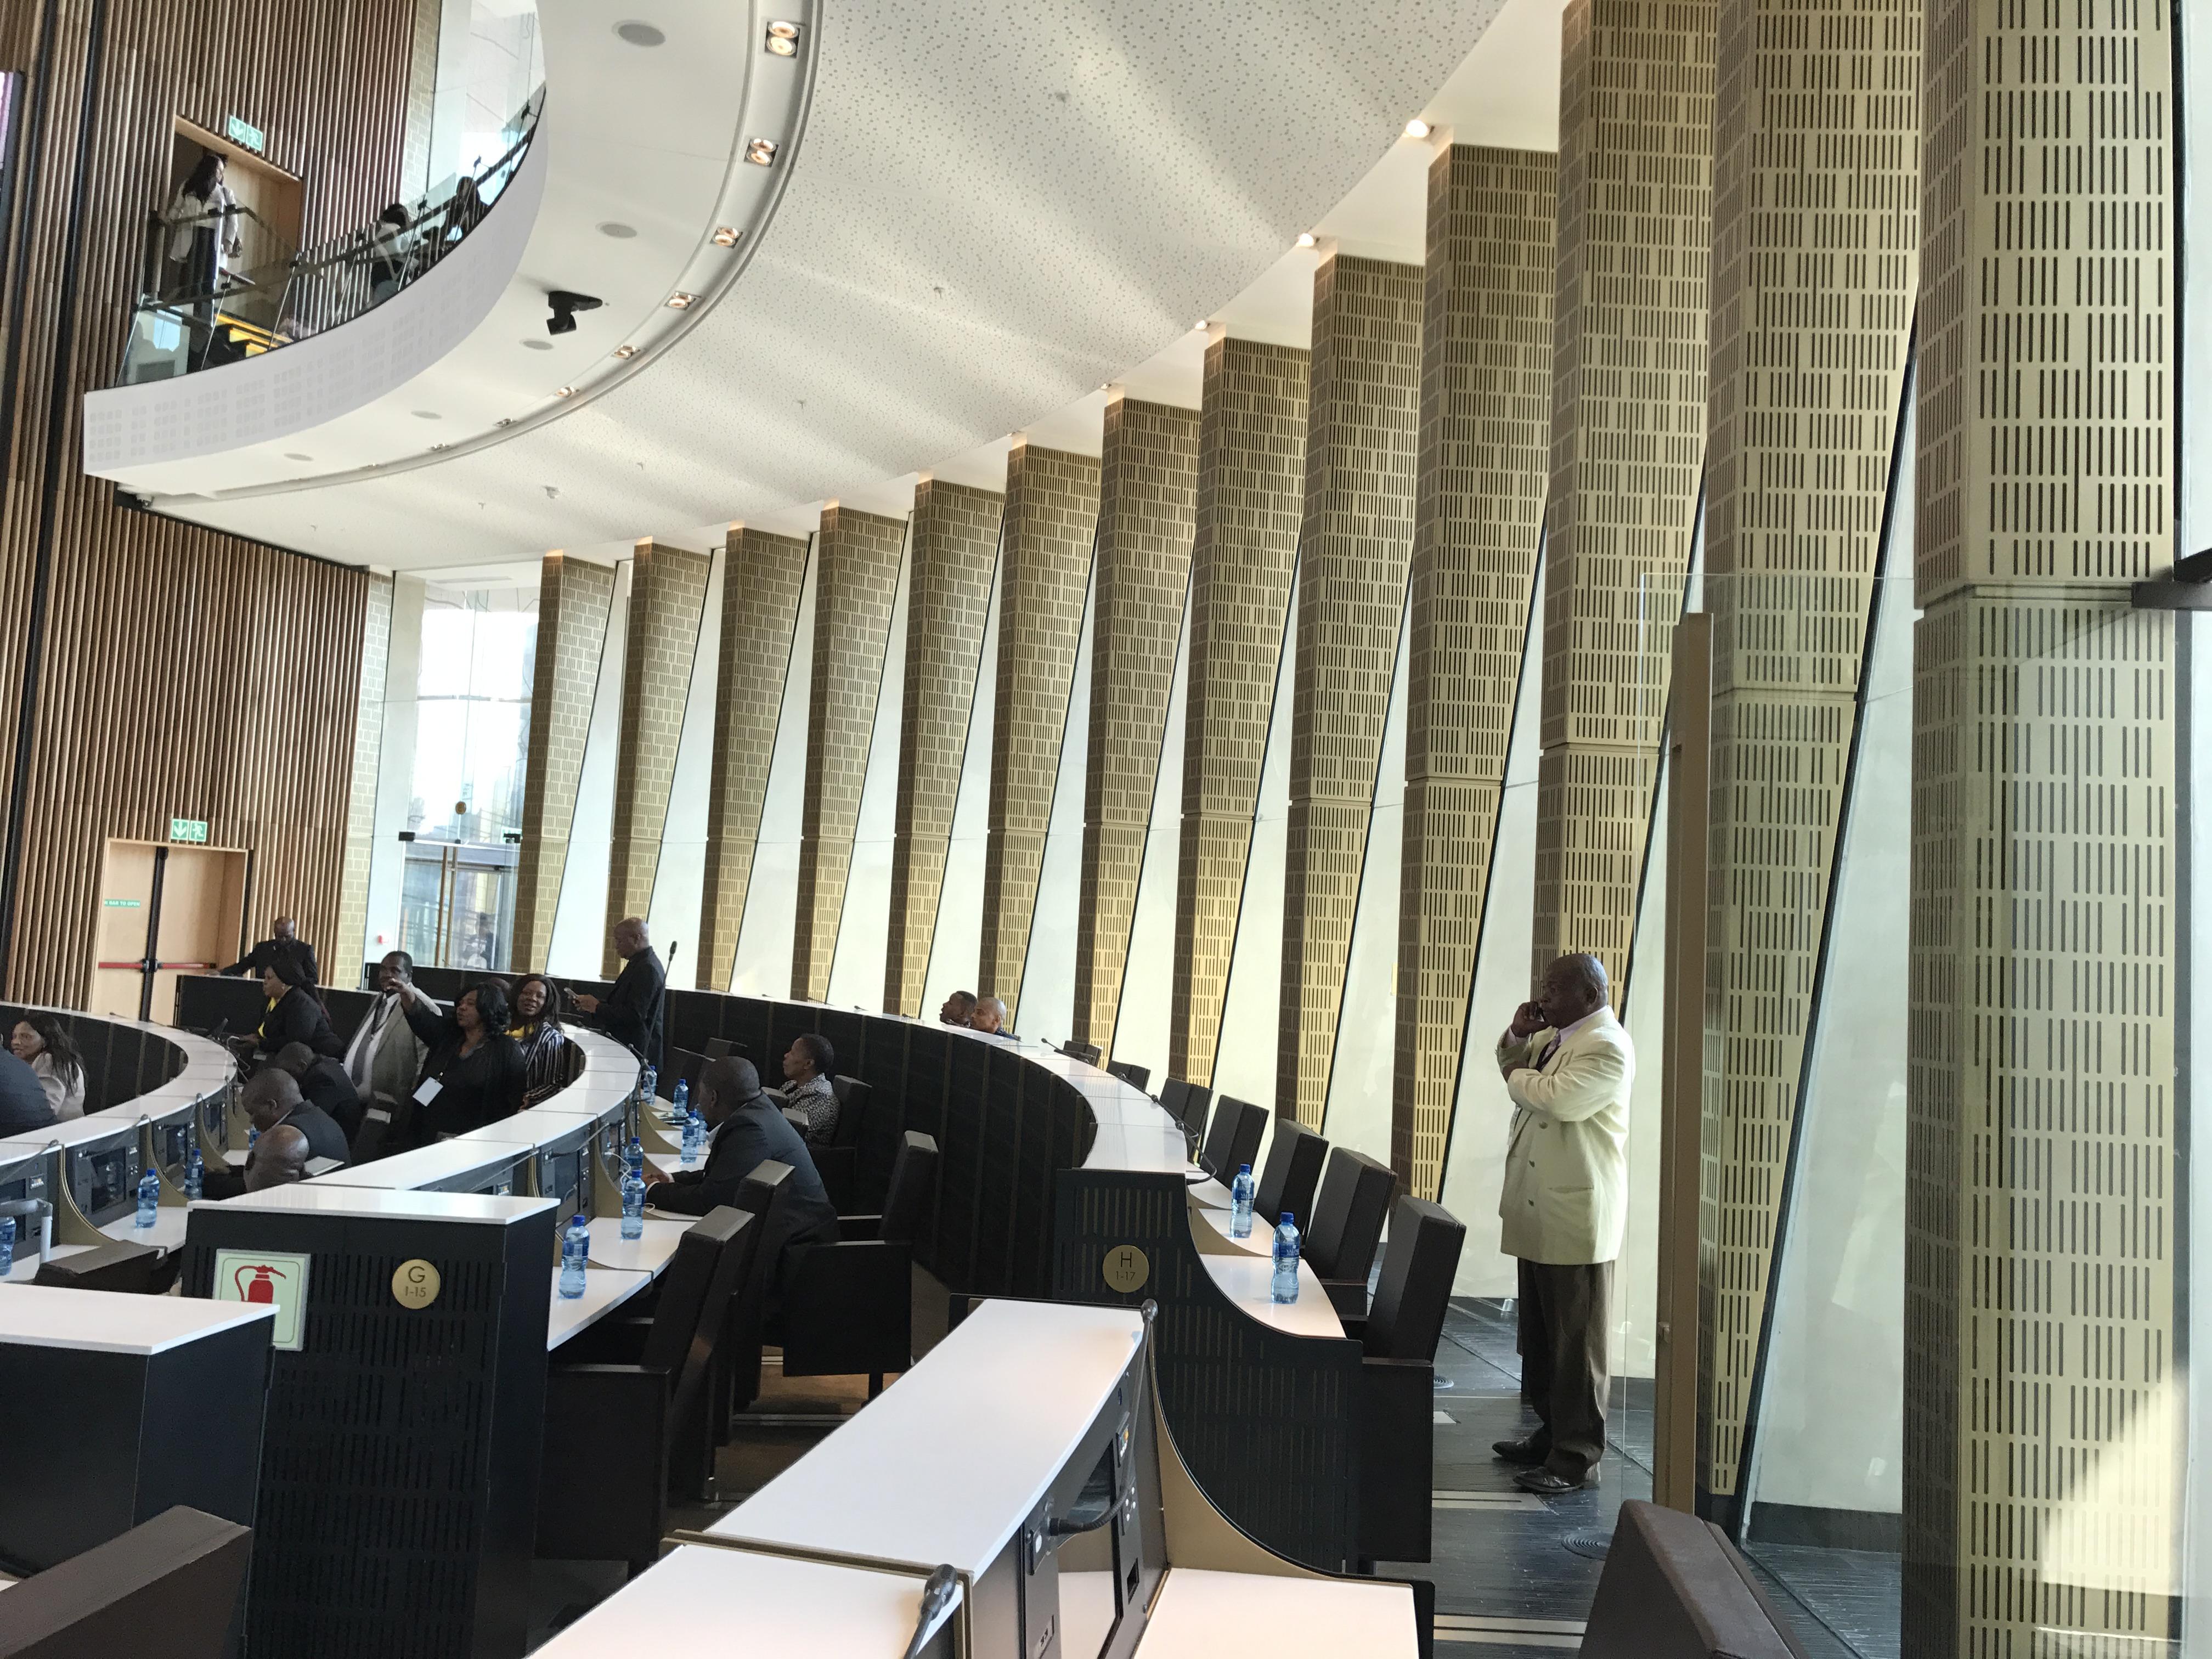 Johannesburg Council Chamber 4